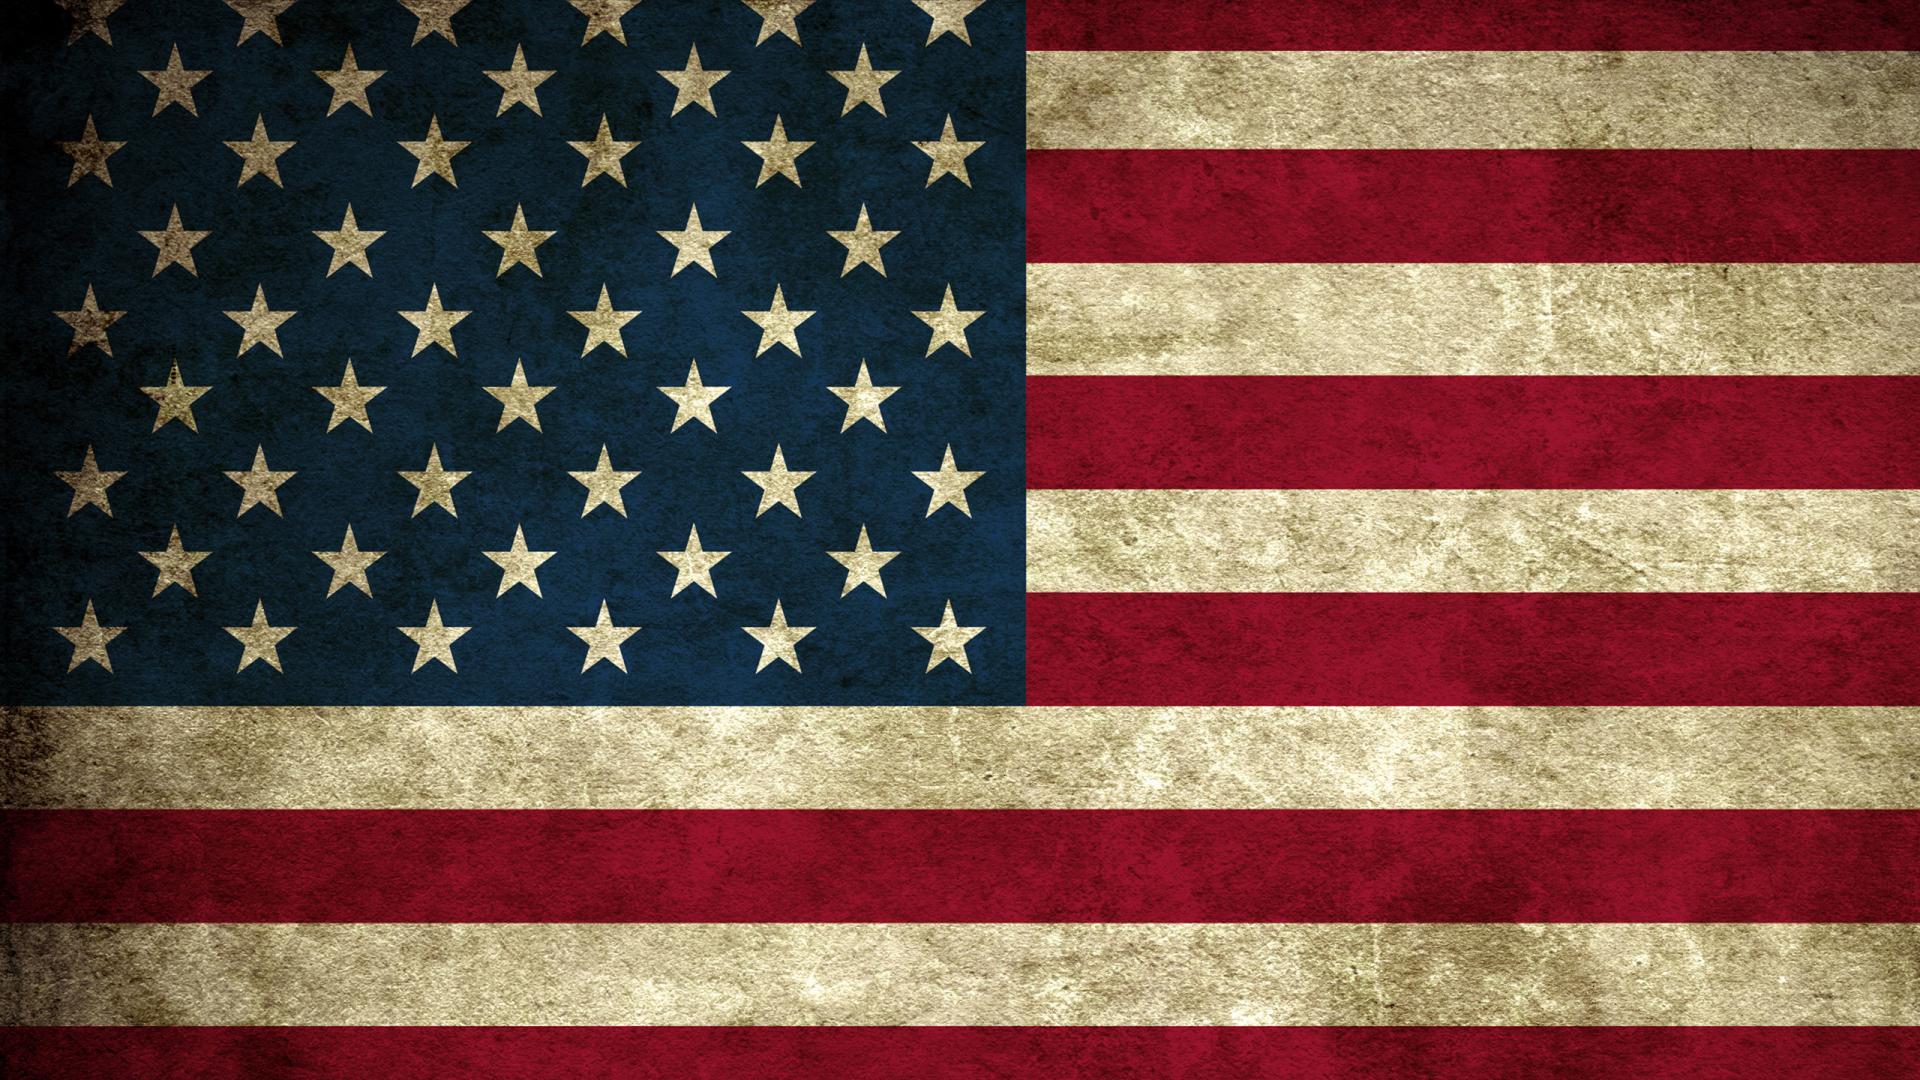 free patriotic wallpapers and screensavers wallpapersafari. Black Bedroom Furniture Sets. Home Design Ideas